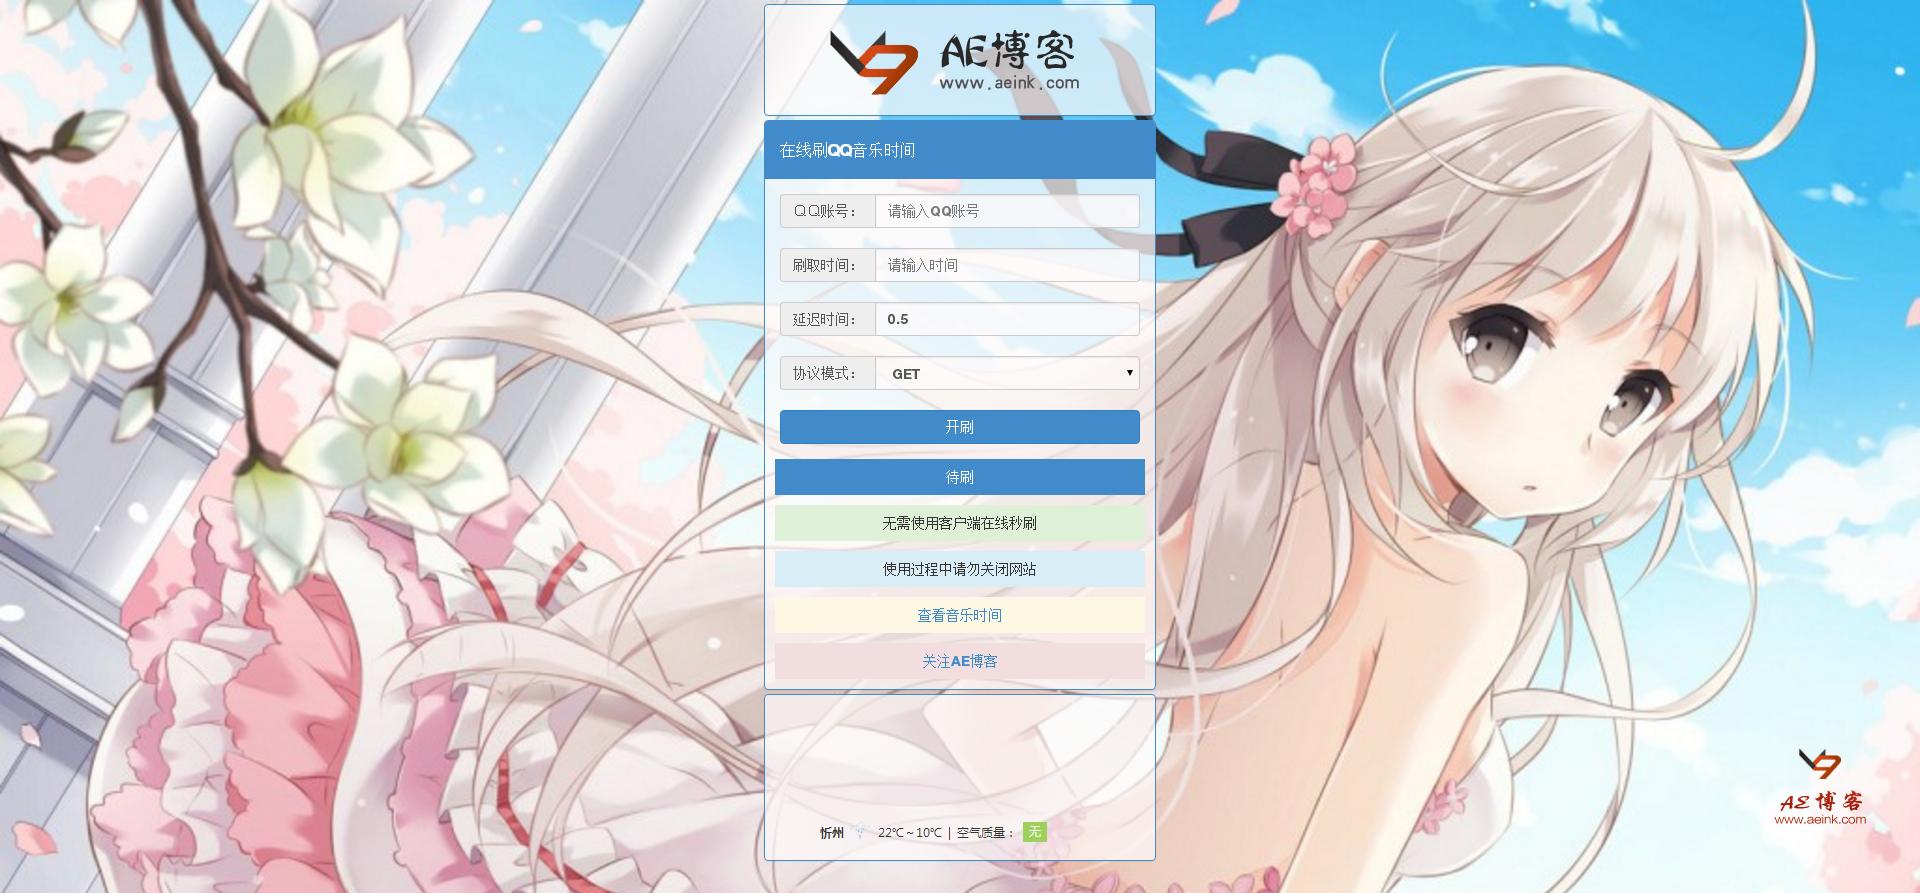 在线刷QQ音乐听歌时间榜 - AE博客.png